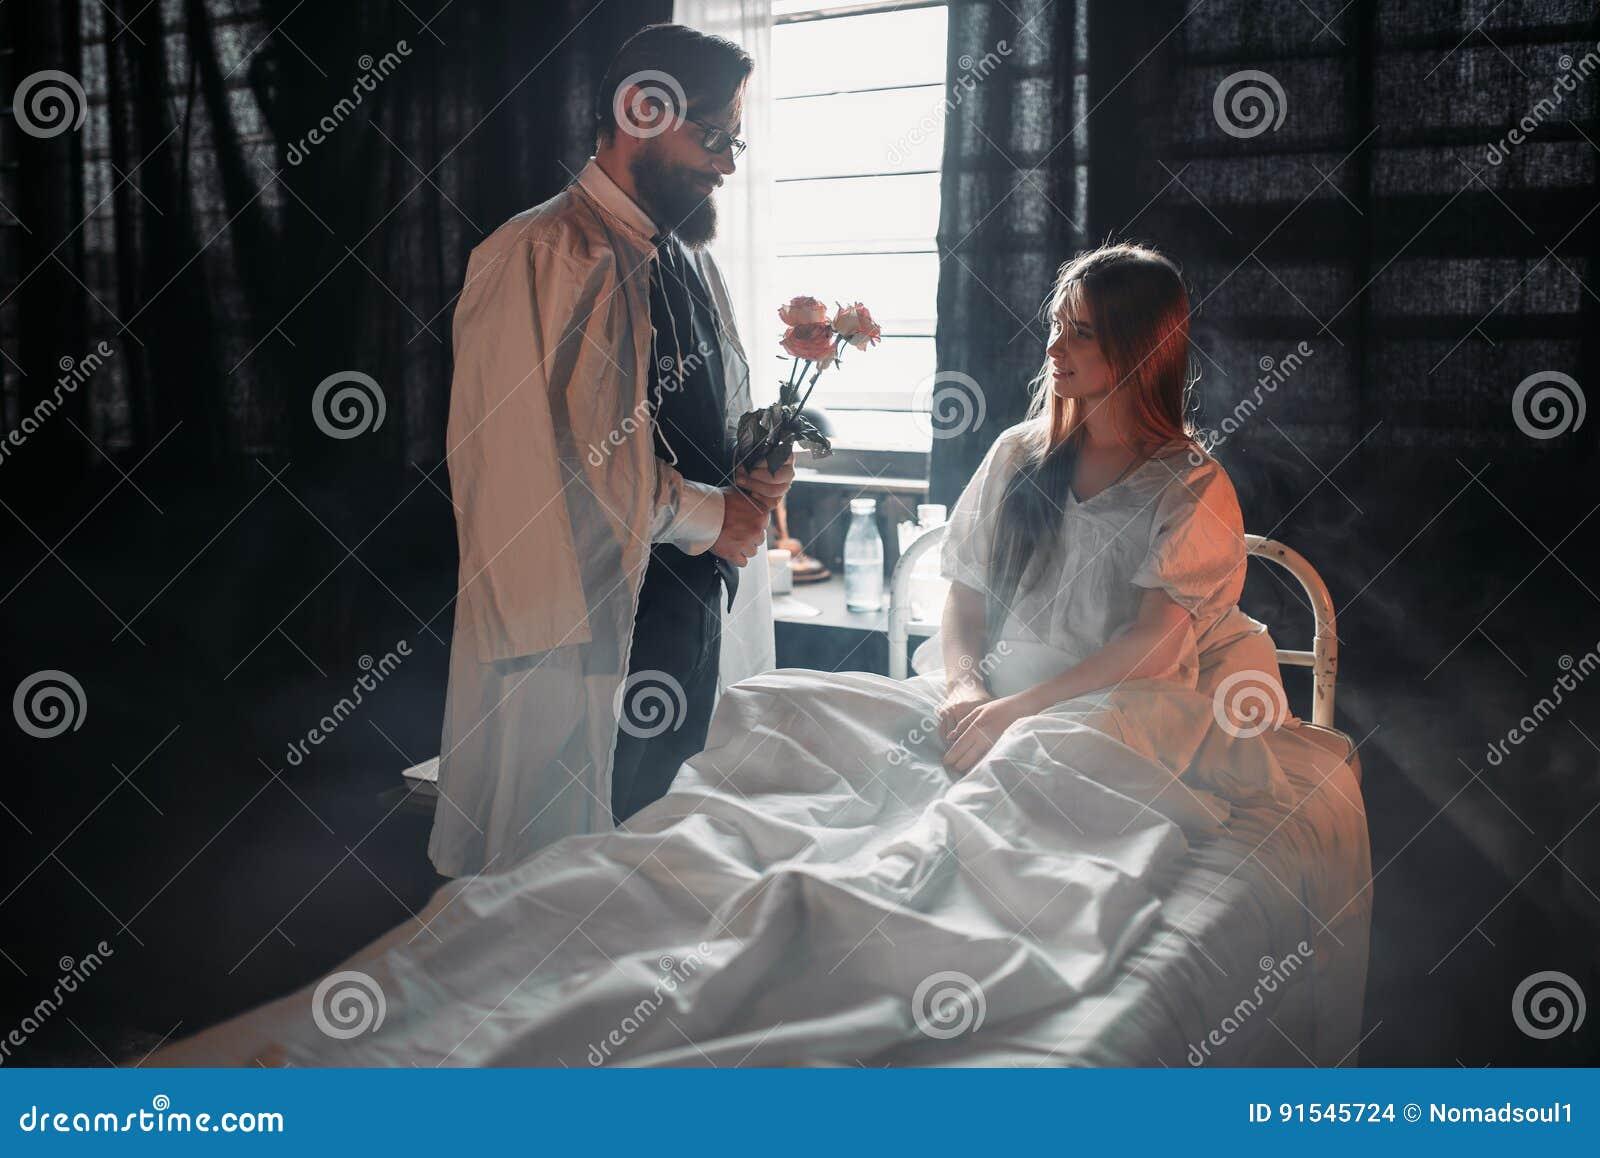 Homme Avec Des Fleurs Contre La Femme Malade Dans Le Lit D Hopital